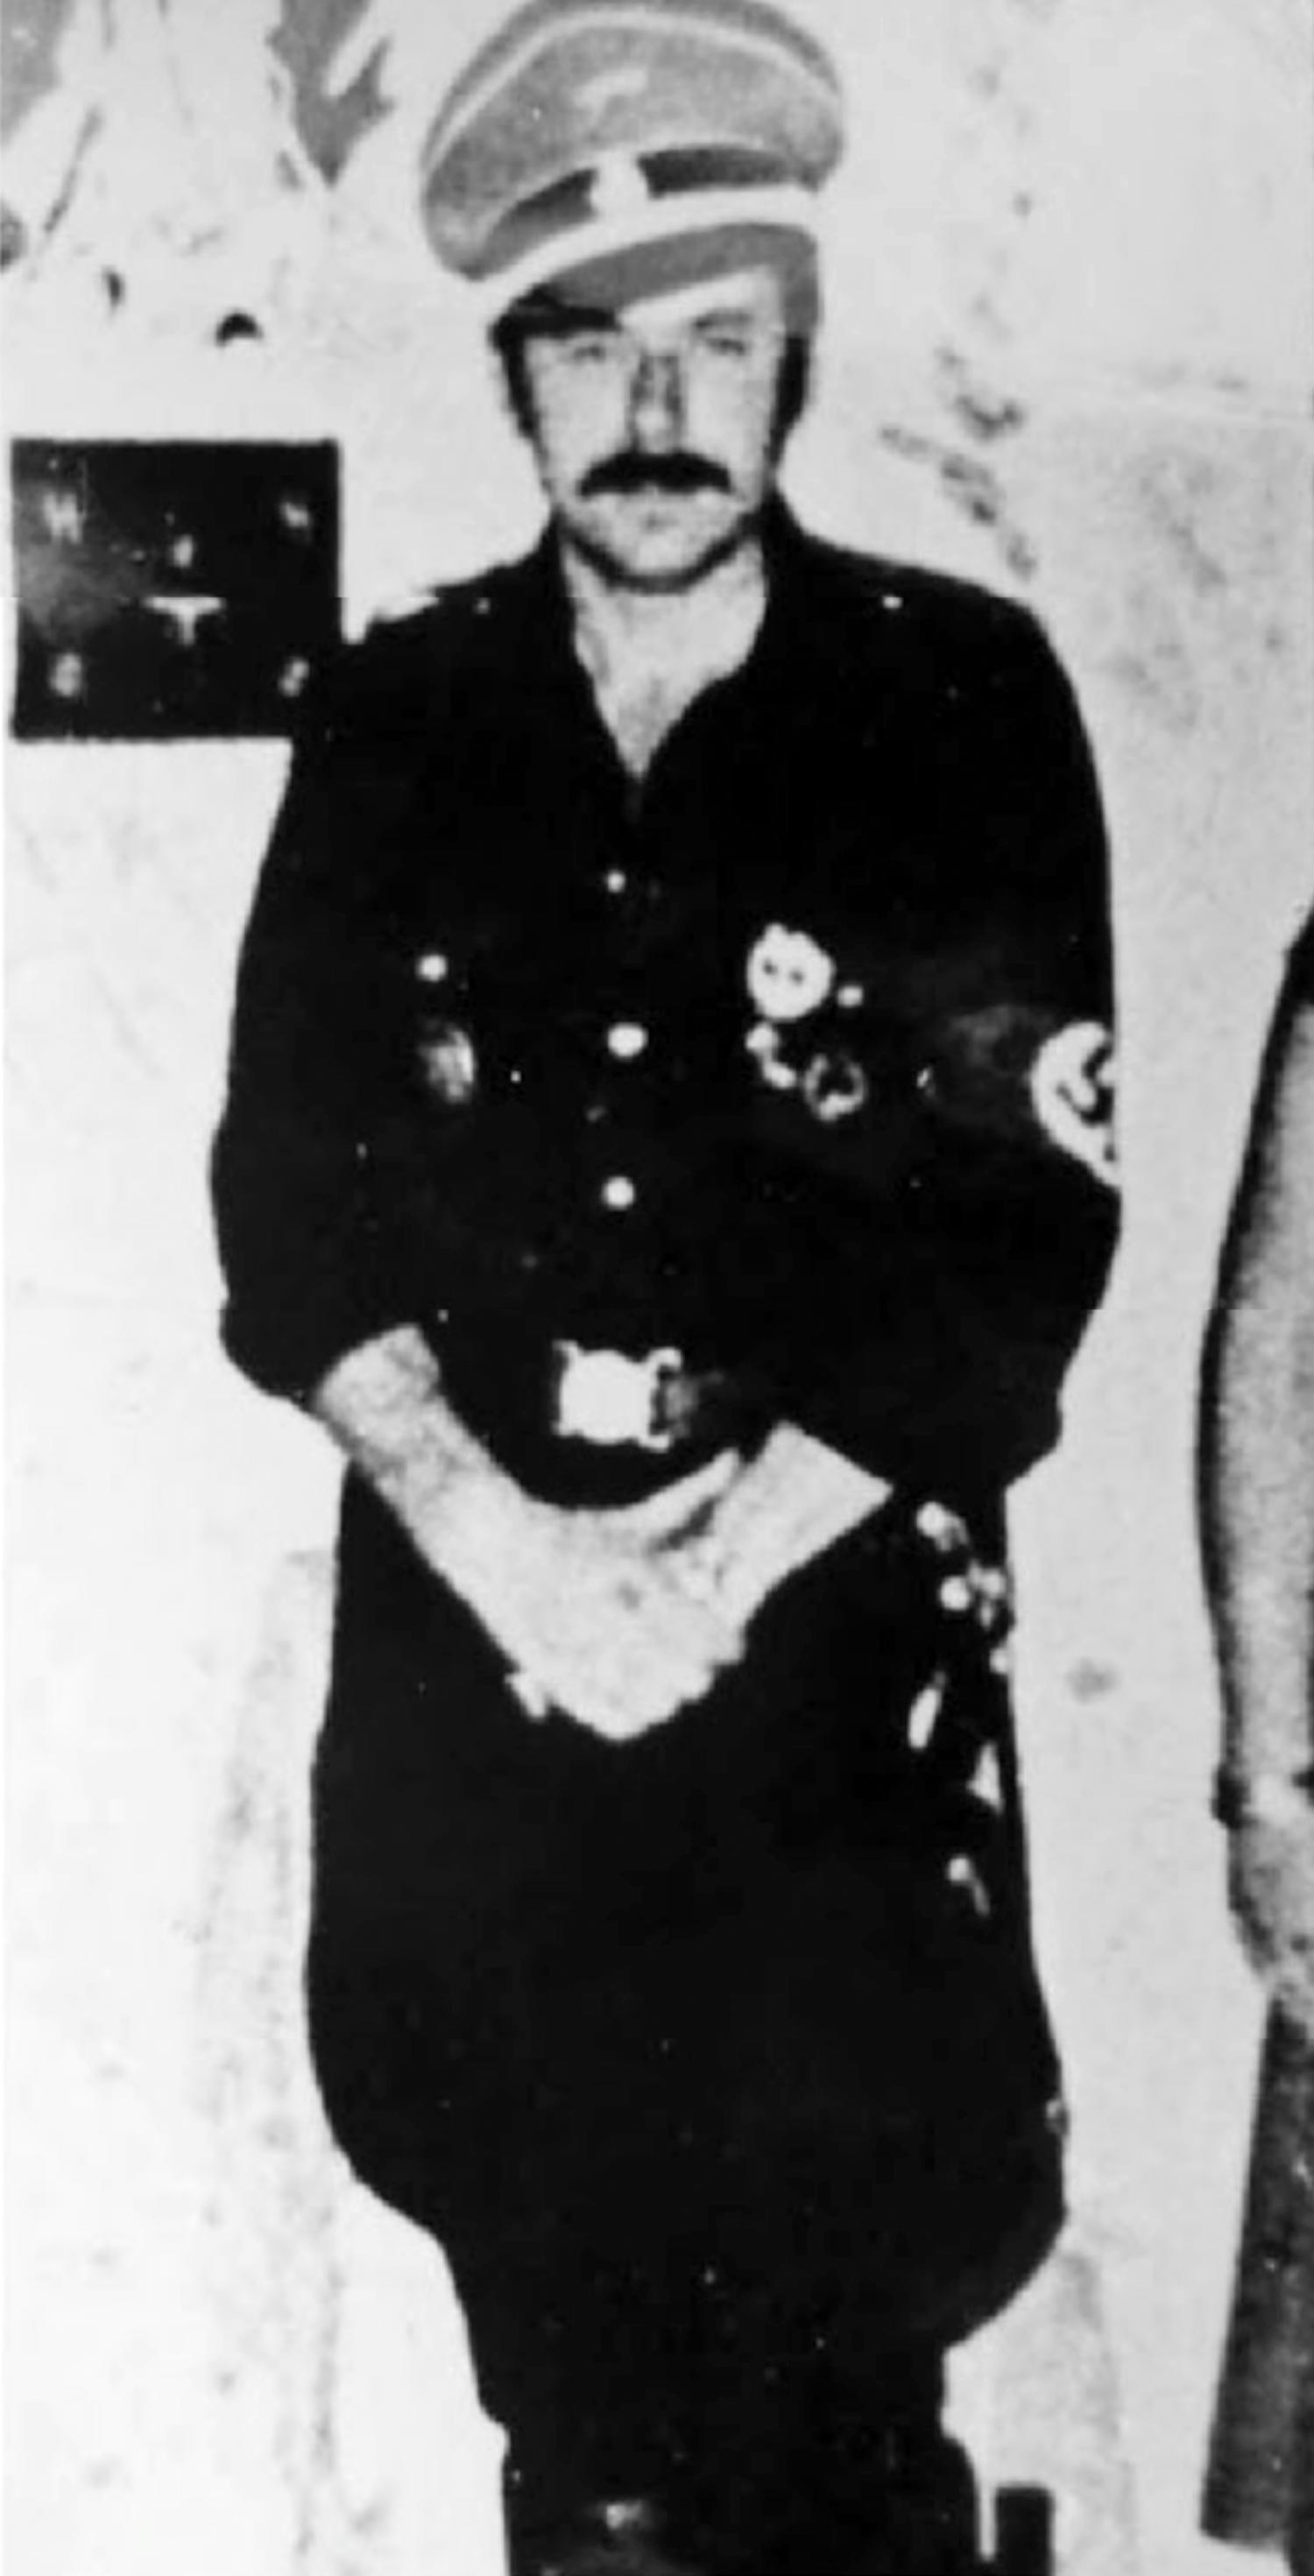 Joachim Fiebelkorn vistiendo el uniforme de las SS.